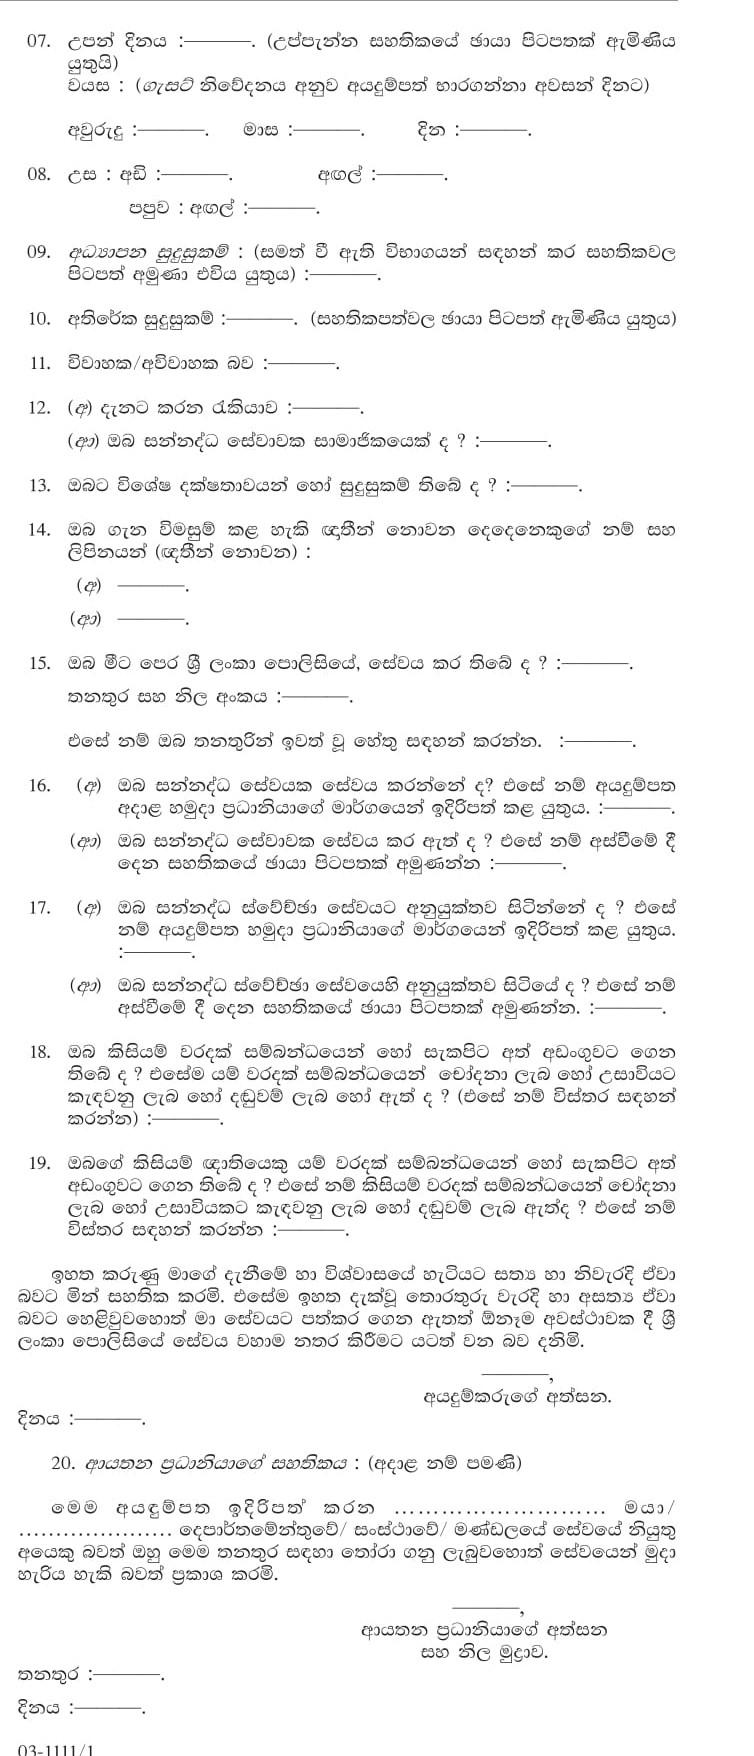 Police Constable - Sri Lanka Police